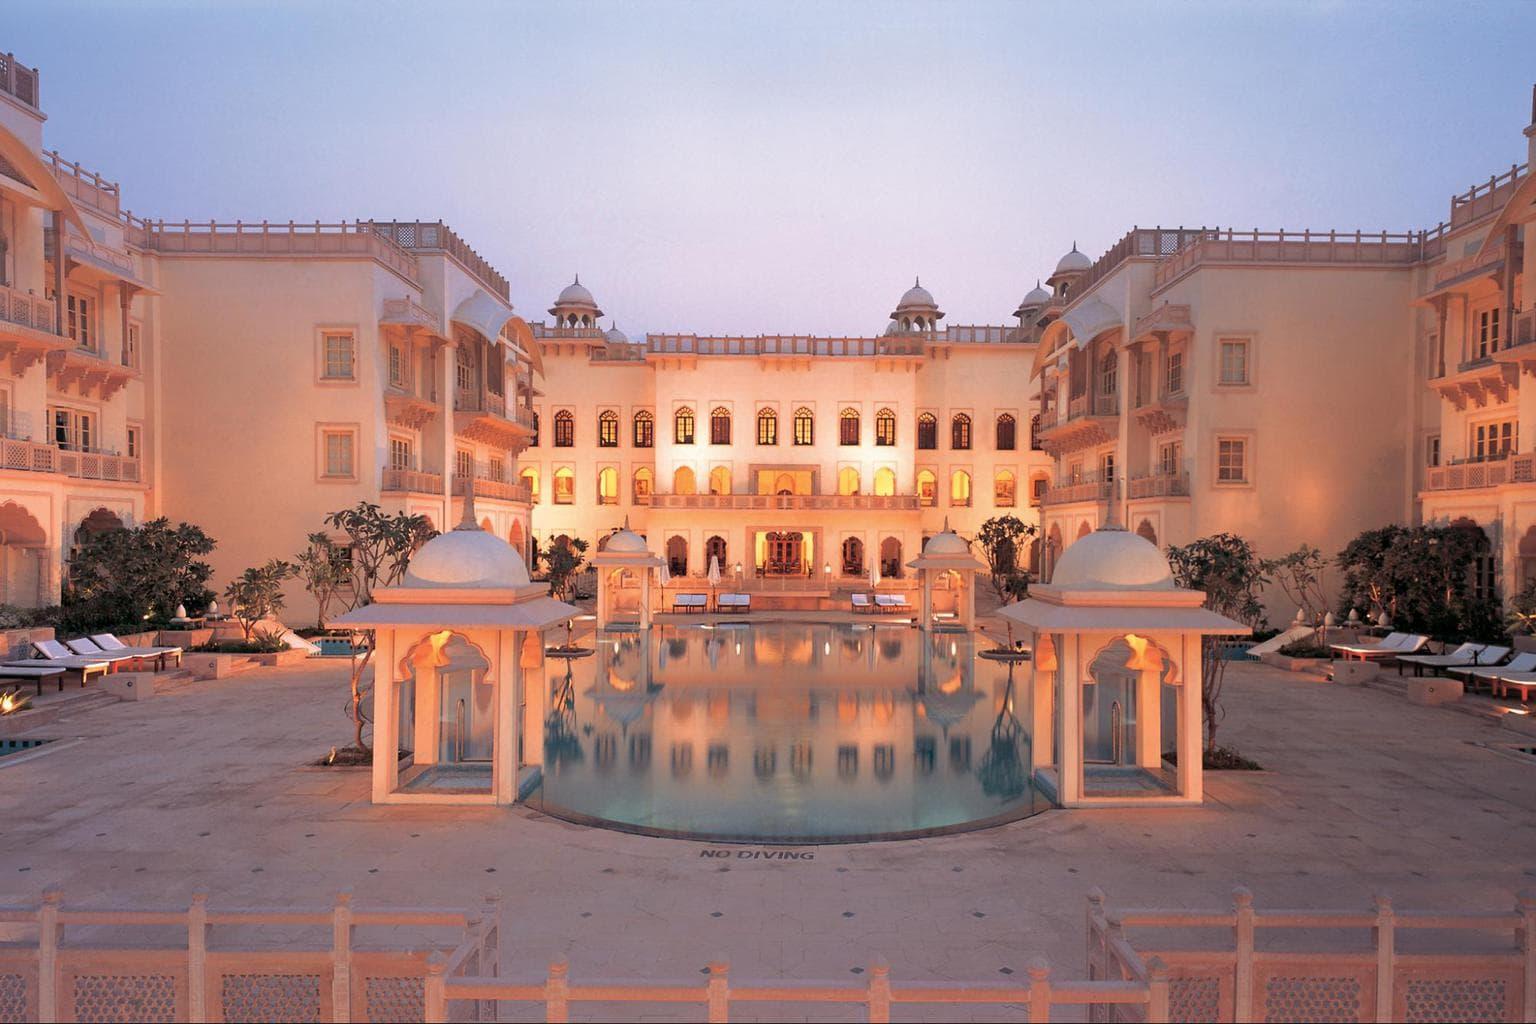 Vivanta Hari Mahal